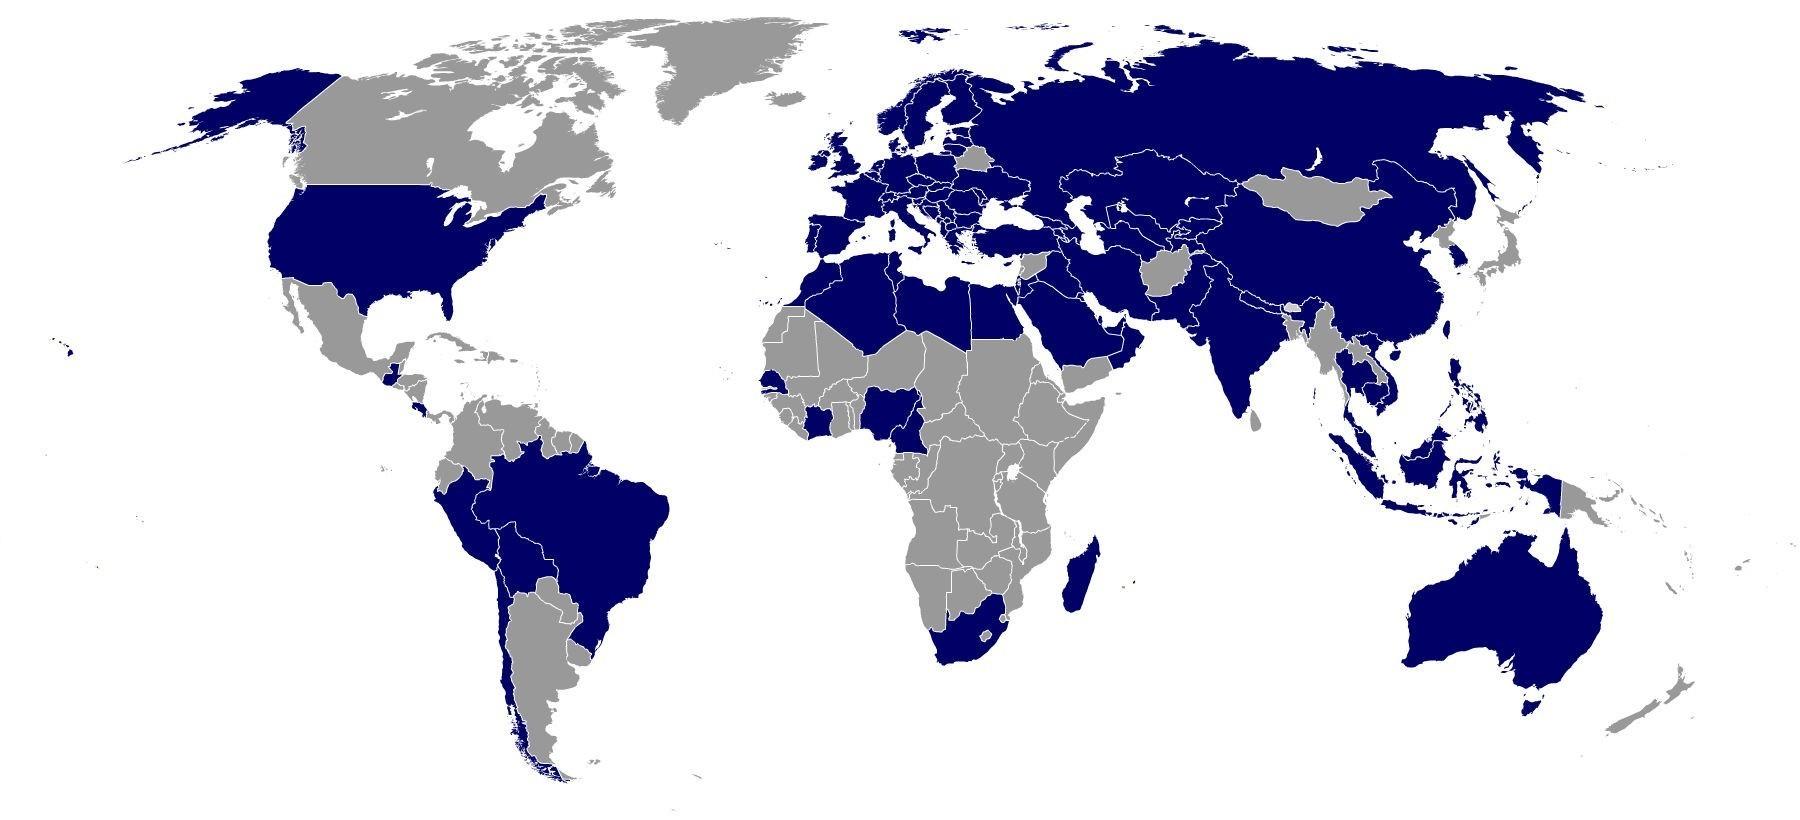 Una red internacional - Image